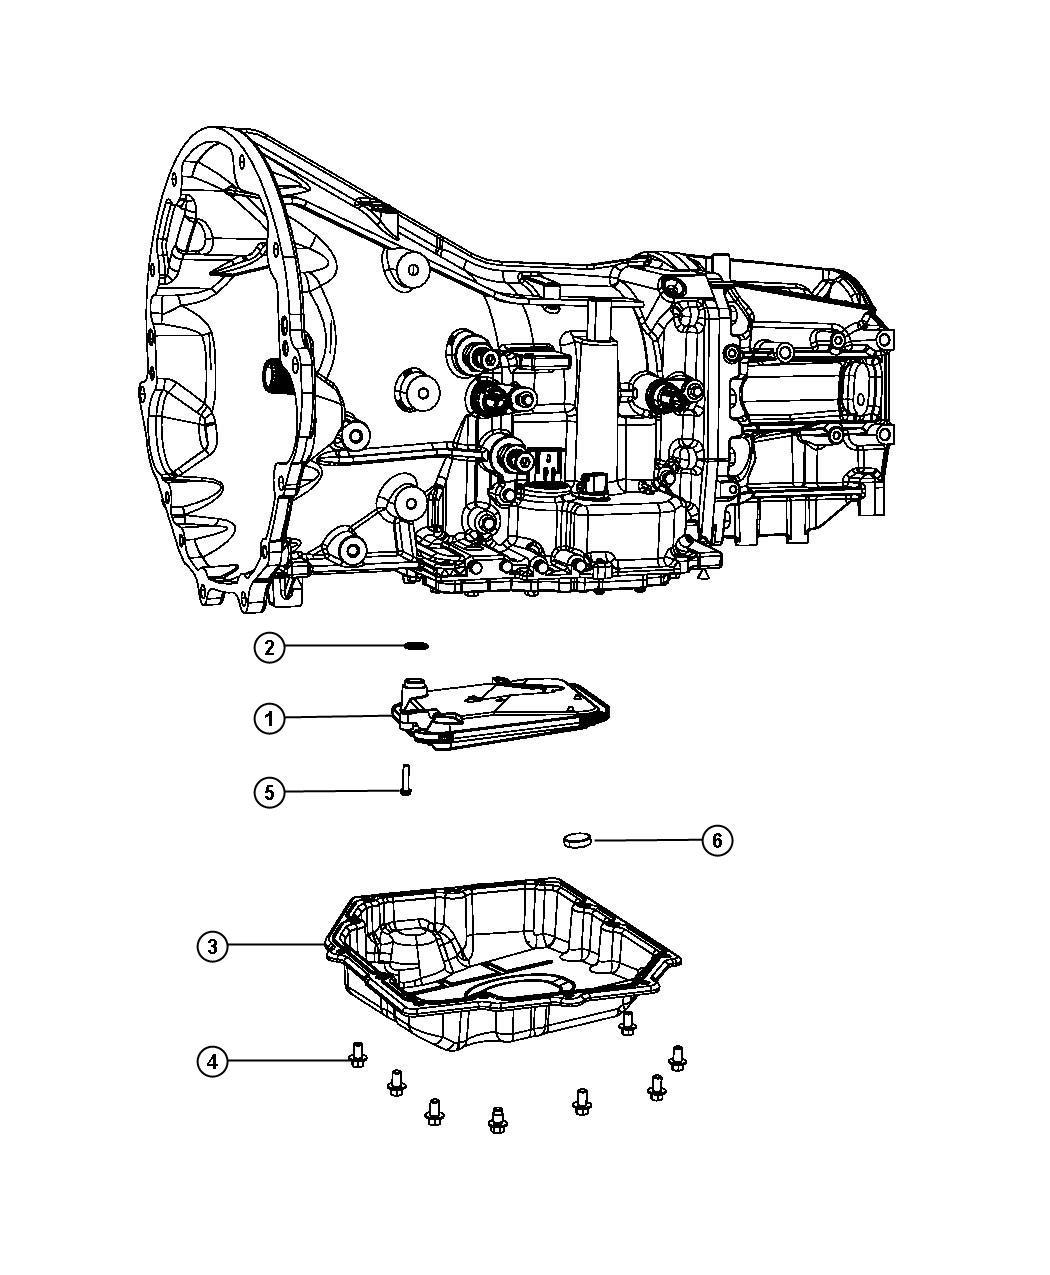 2011 Dodge Filter, filter kit. Transmission oil. Use only